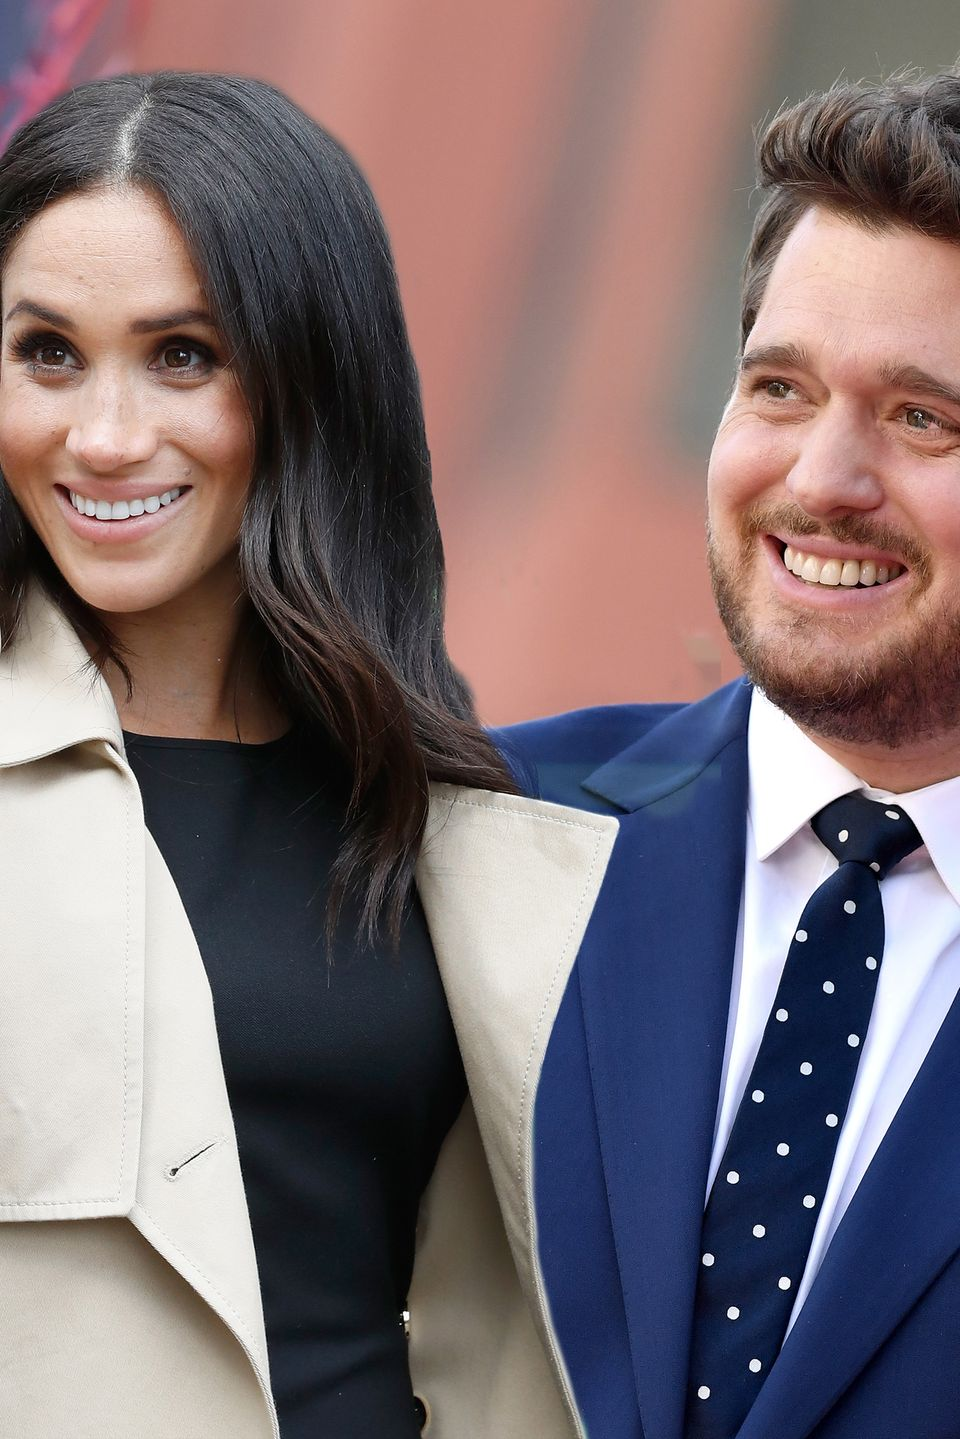 Überraschung! Herzogin Meghan und Michael Bublé sind befreundet.